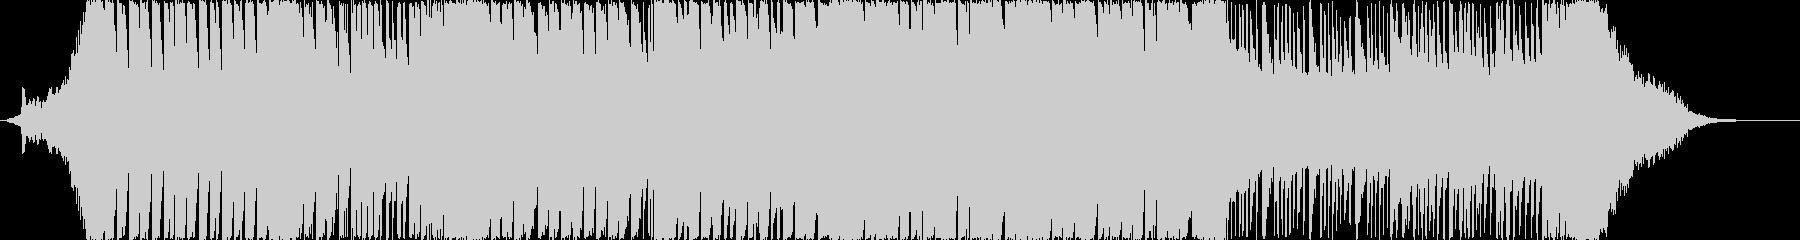 オーケストライメージの幻想的EDMの未再生の波形